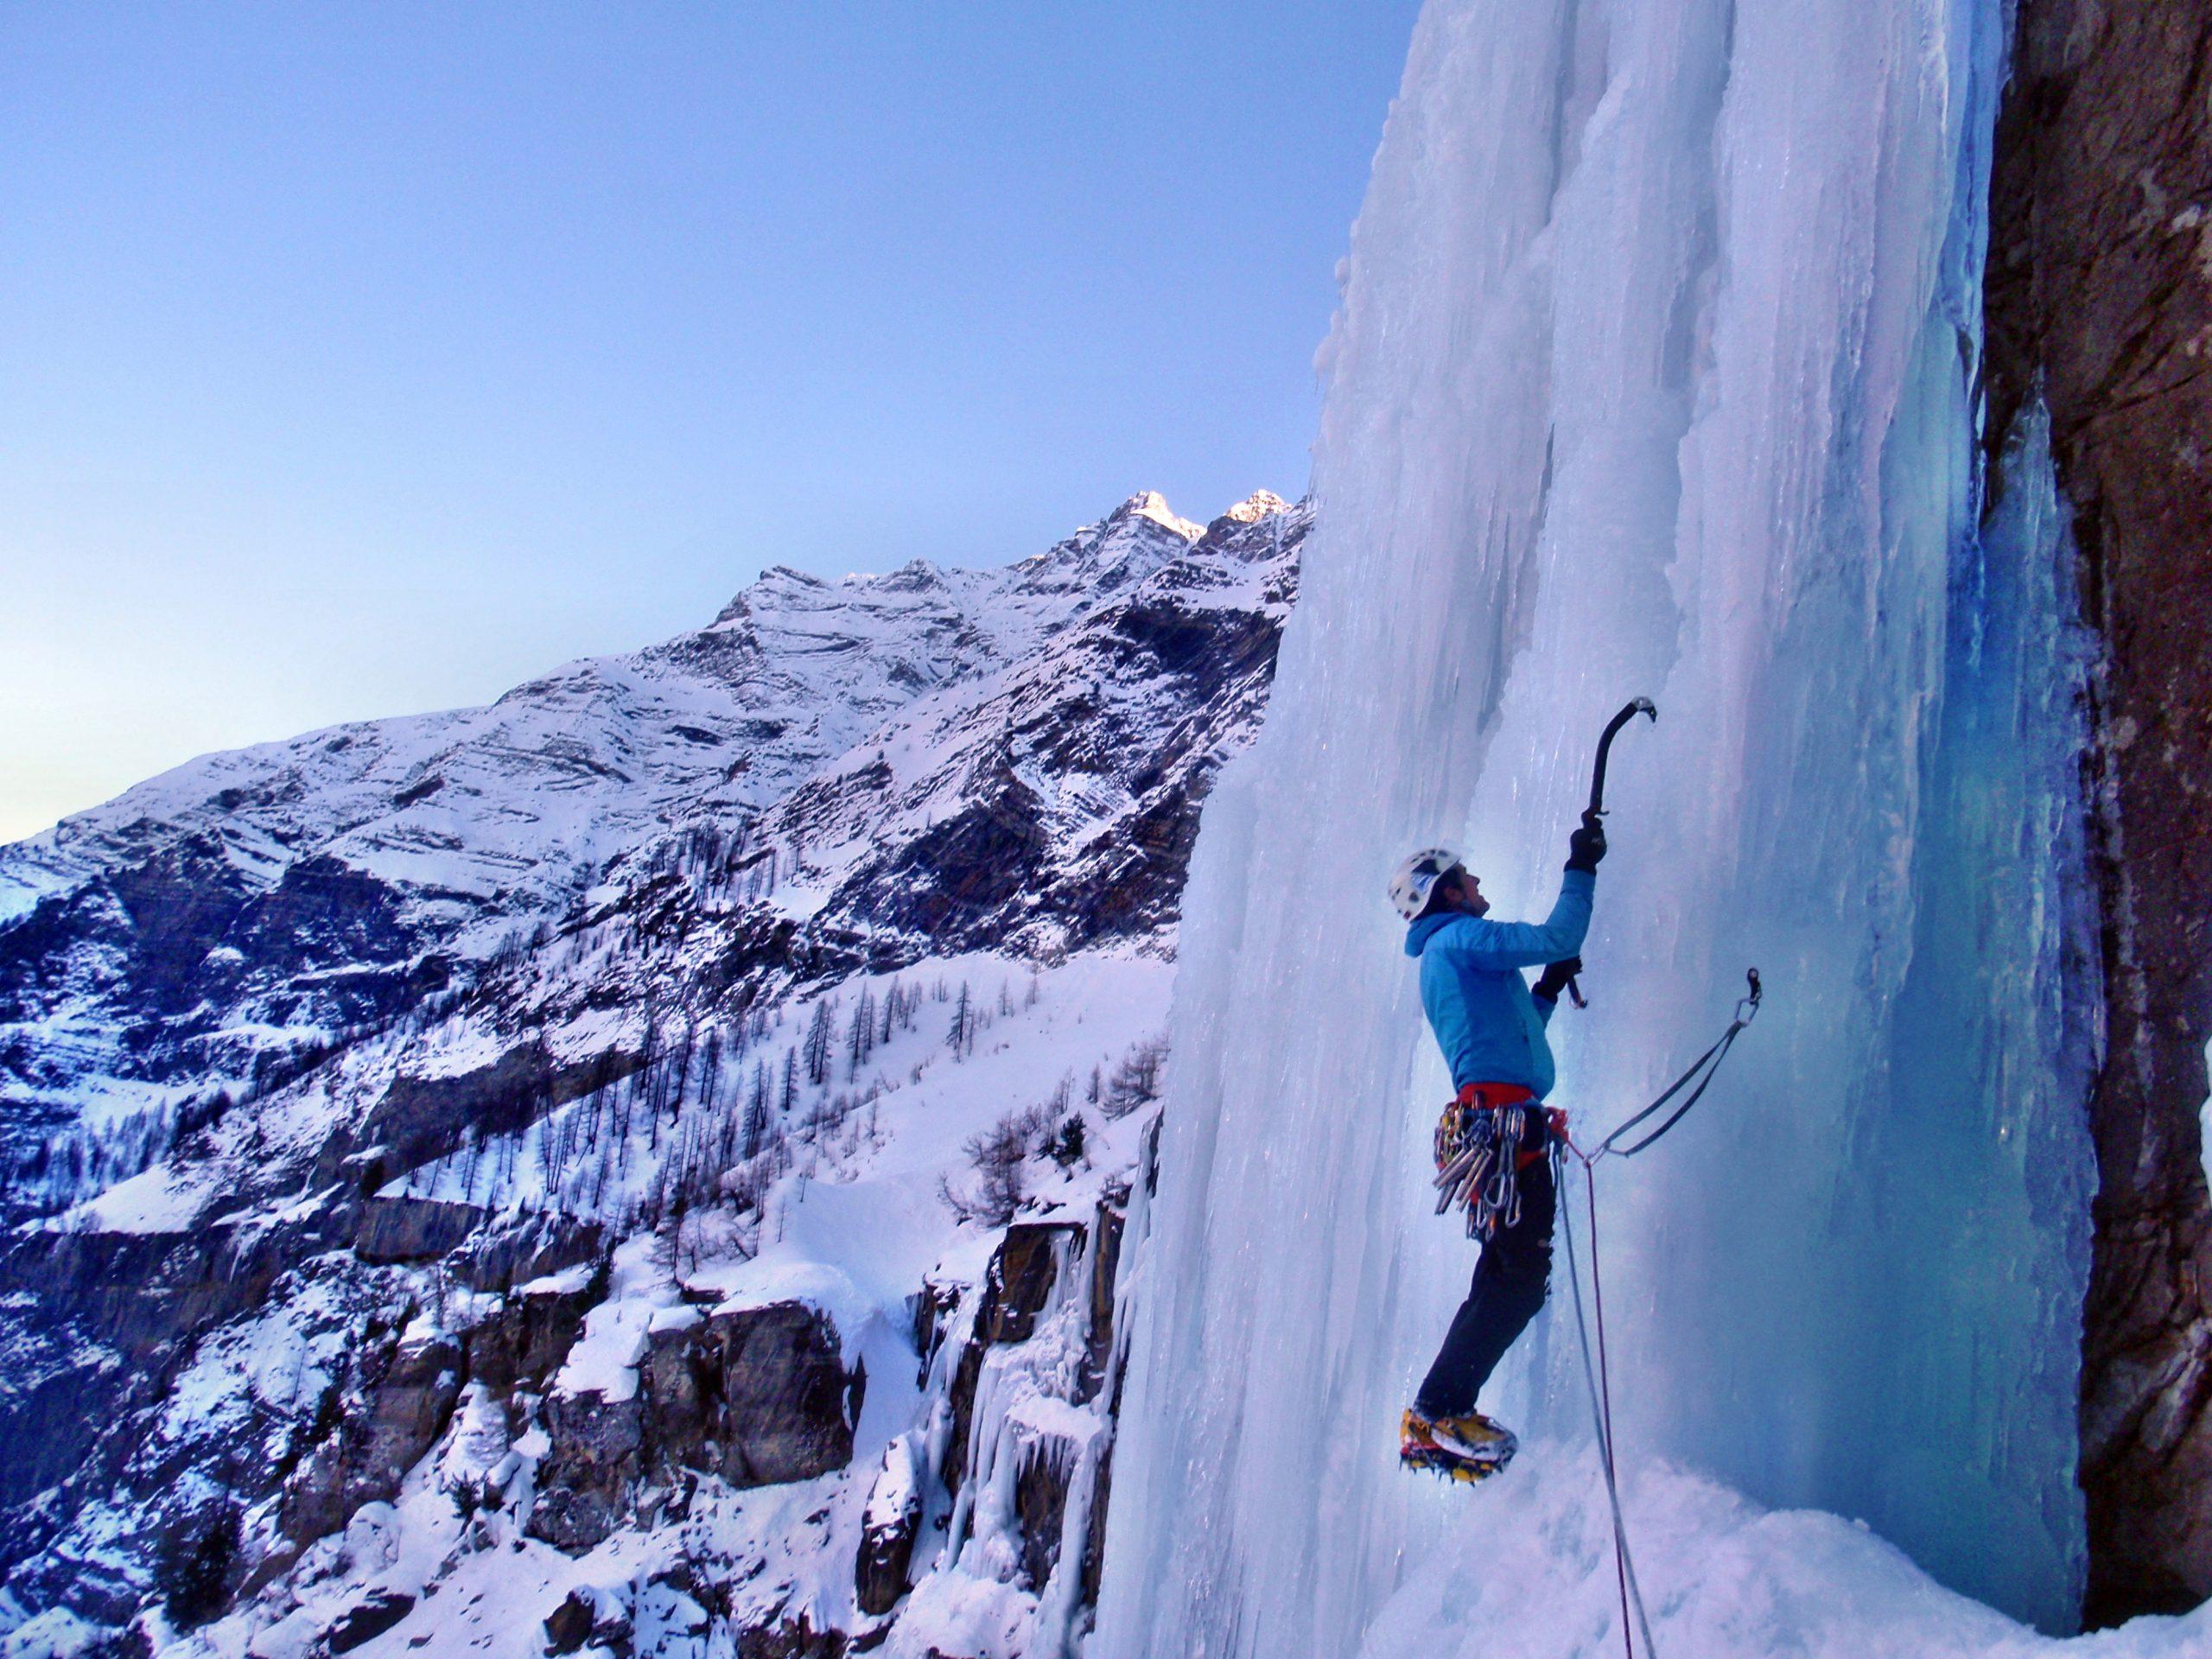 Escalada en Hielo en el Macizo de Ecrins y Queyras. Alpes franceses